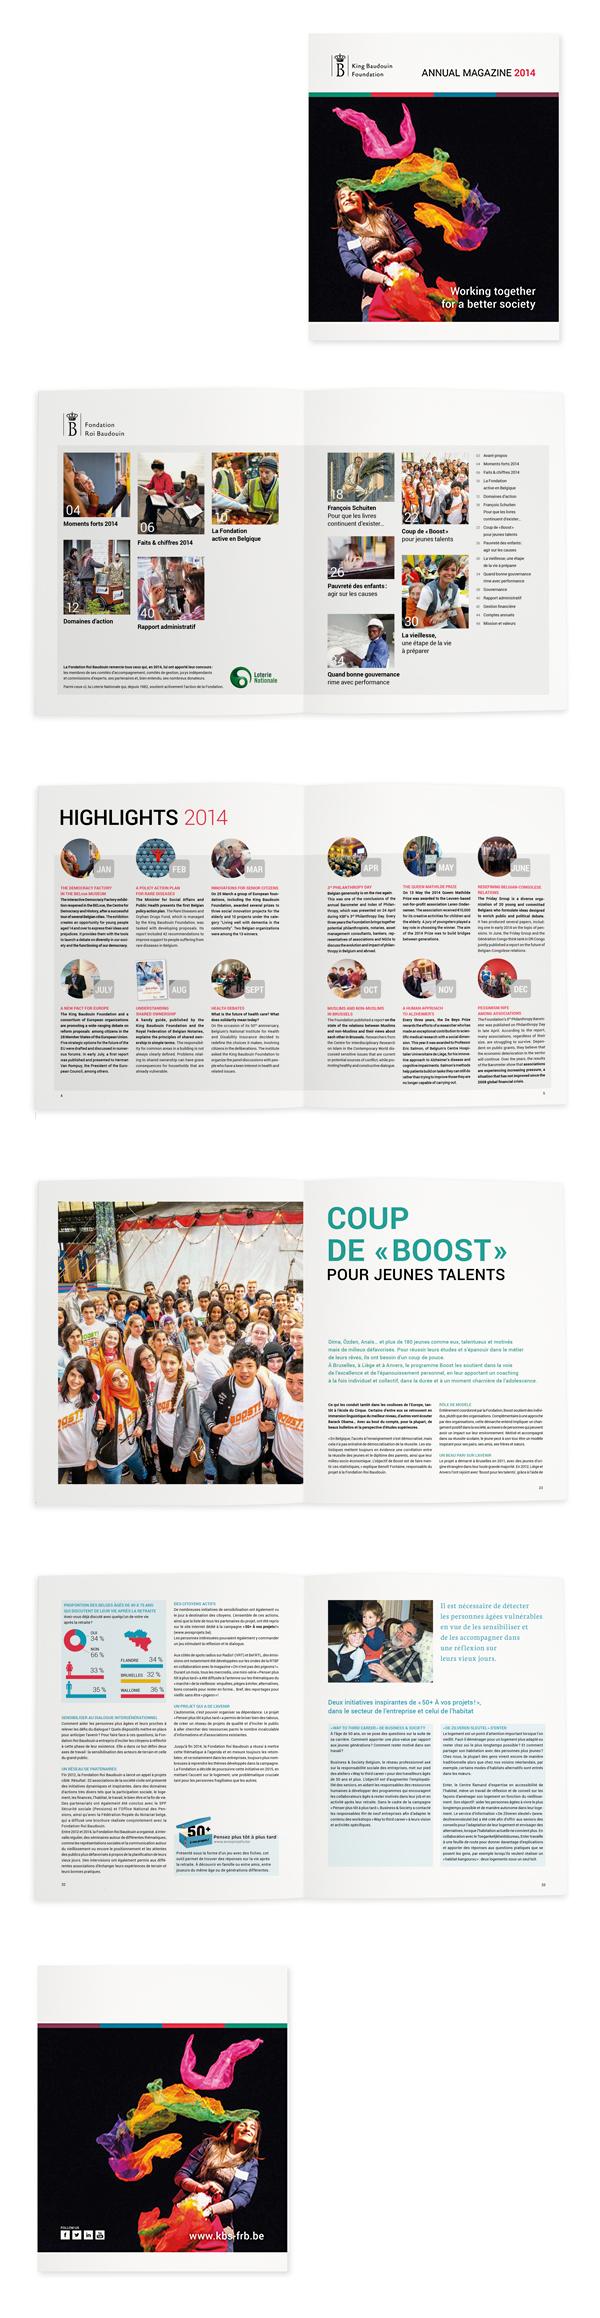 Fondation Roi Baudouin <em> — Rapport Annuel 2014 </em>